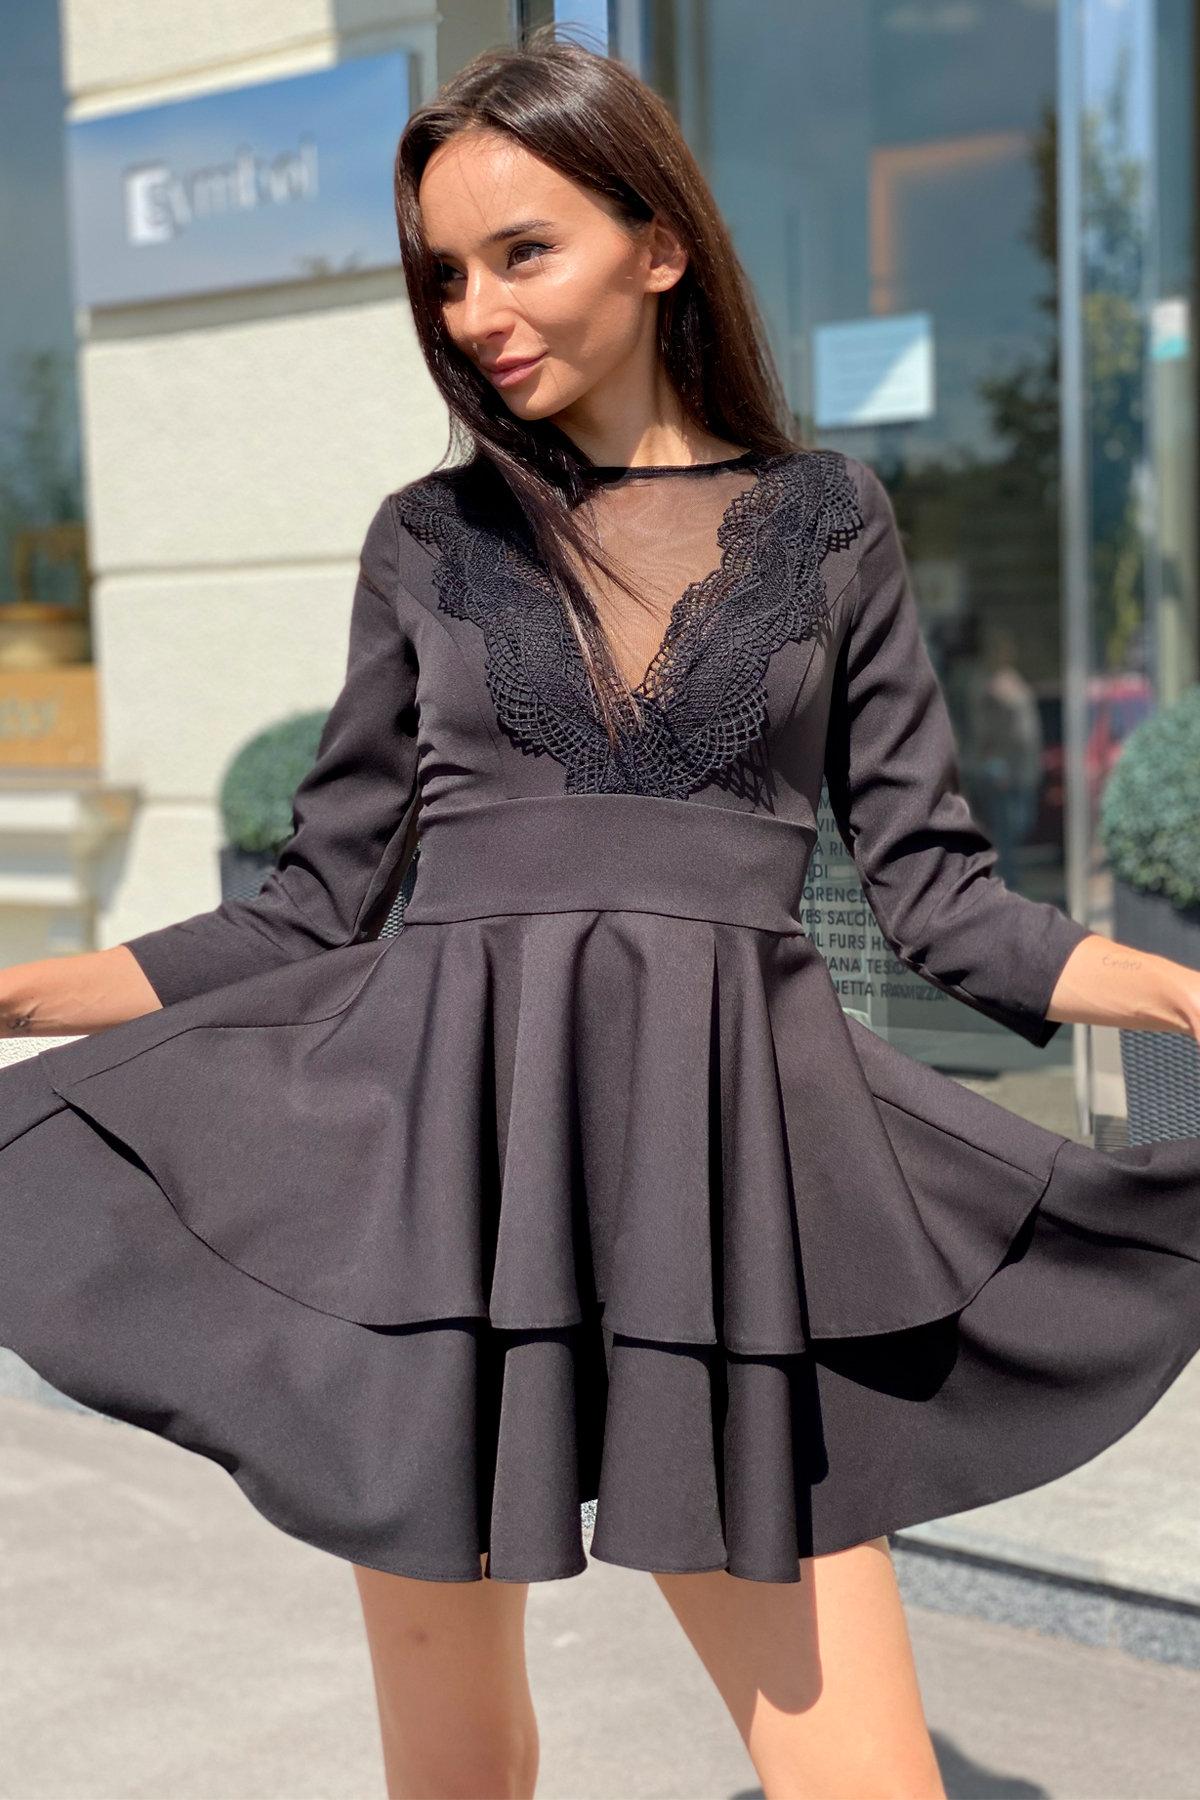 Платье с двухслойной юбкой Абико 5516 АРТ. 37044 Цвет: Черный - фото 5, интернет магазин tm-modus.ru